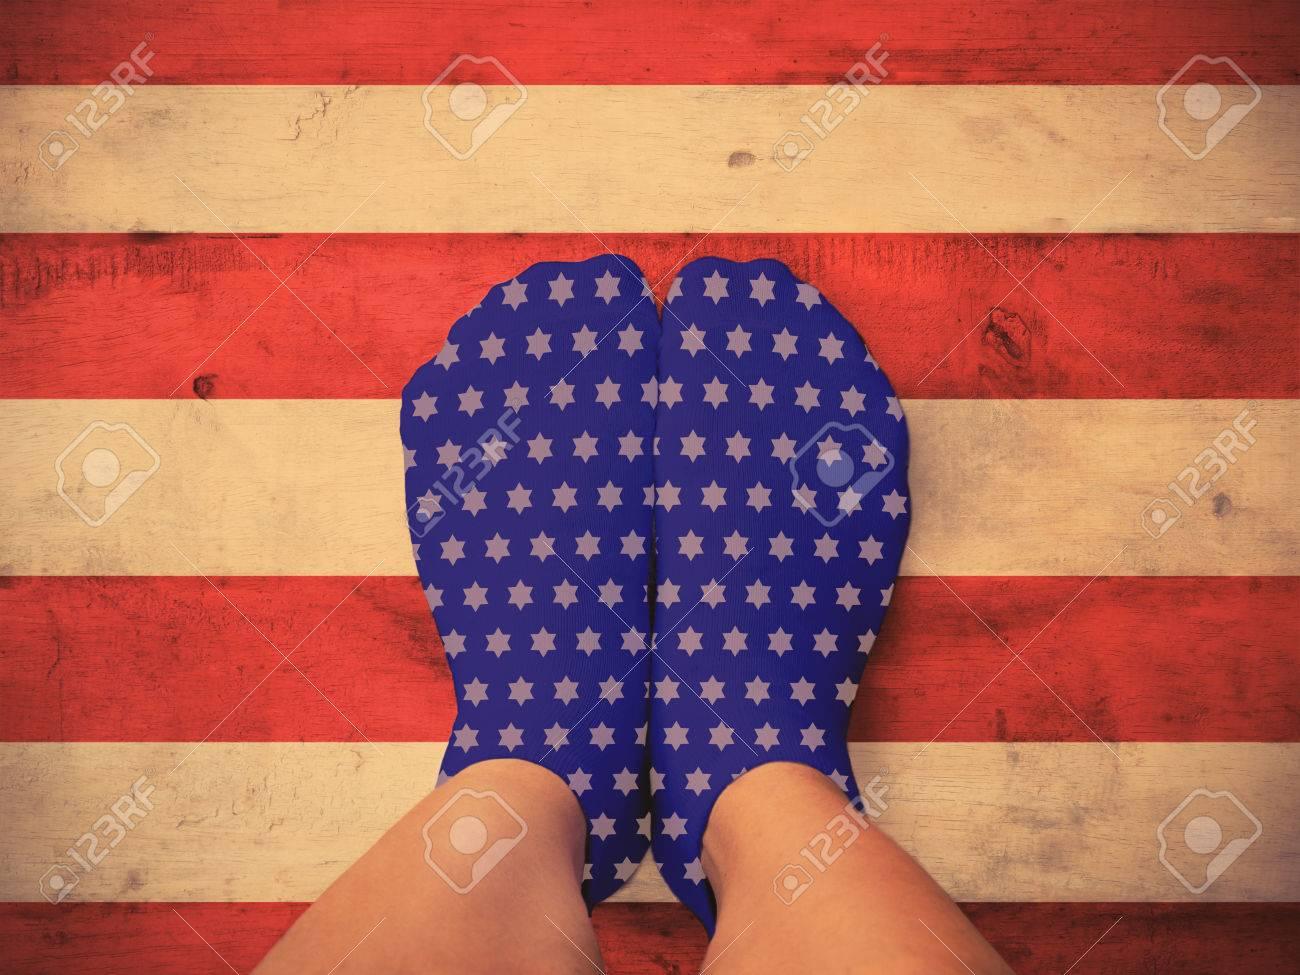 Pavimento Rosso E Bianco : Piedi selfie che indossano calze blu con la stella bianca sulla